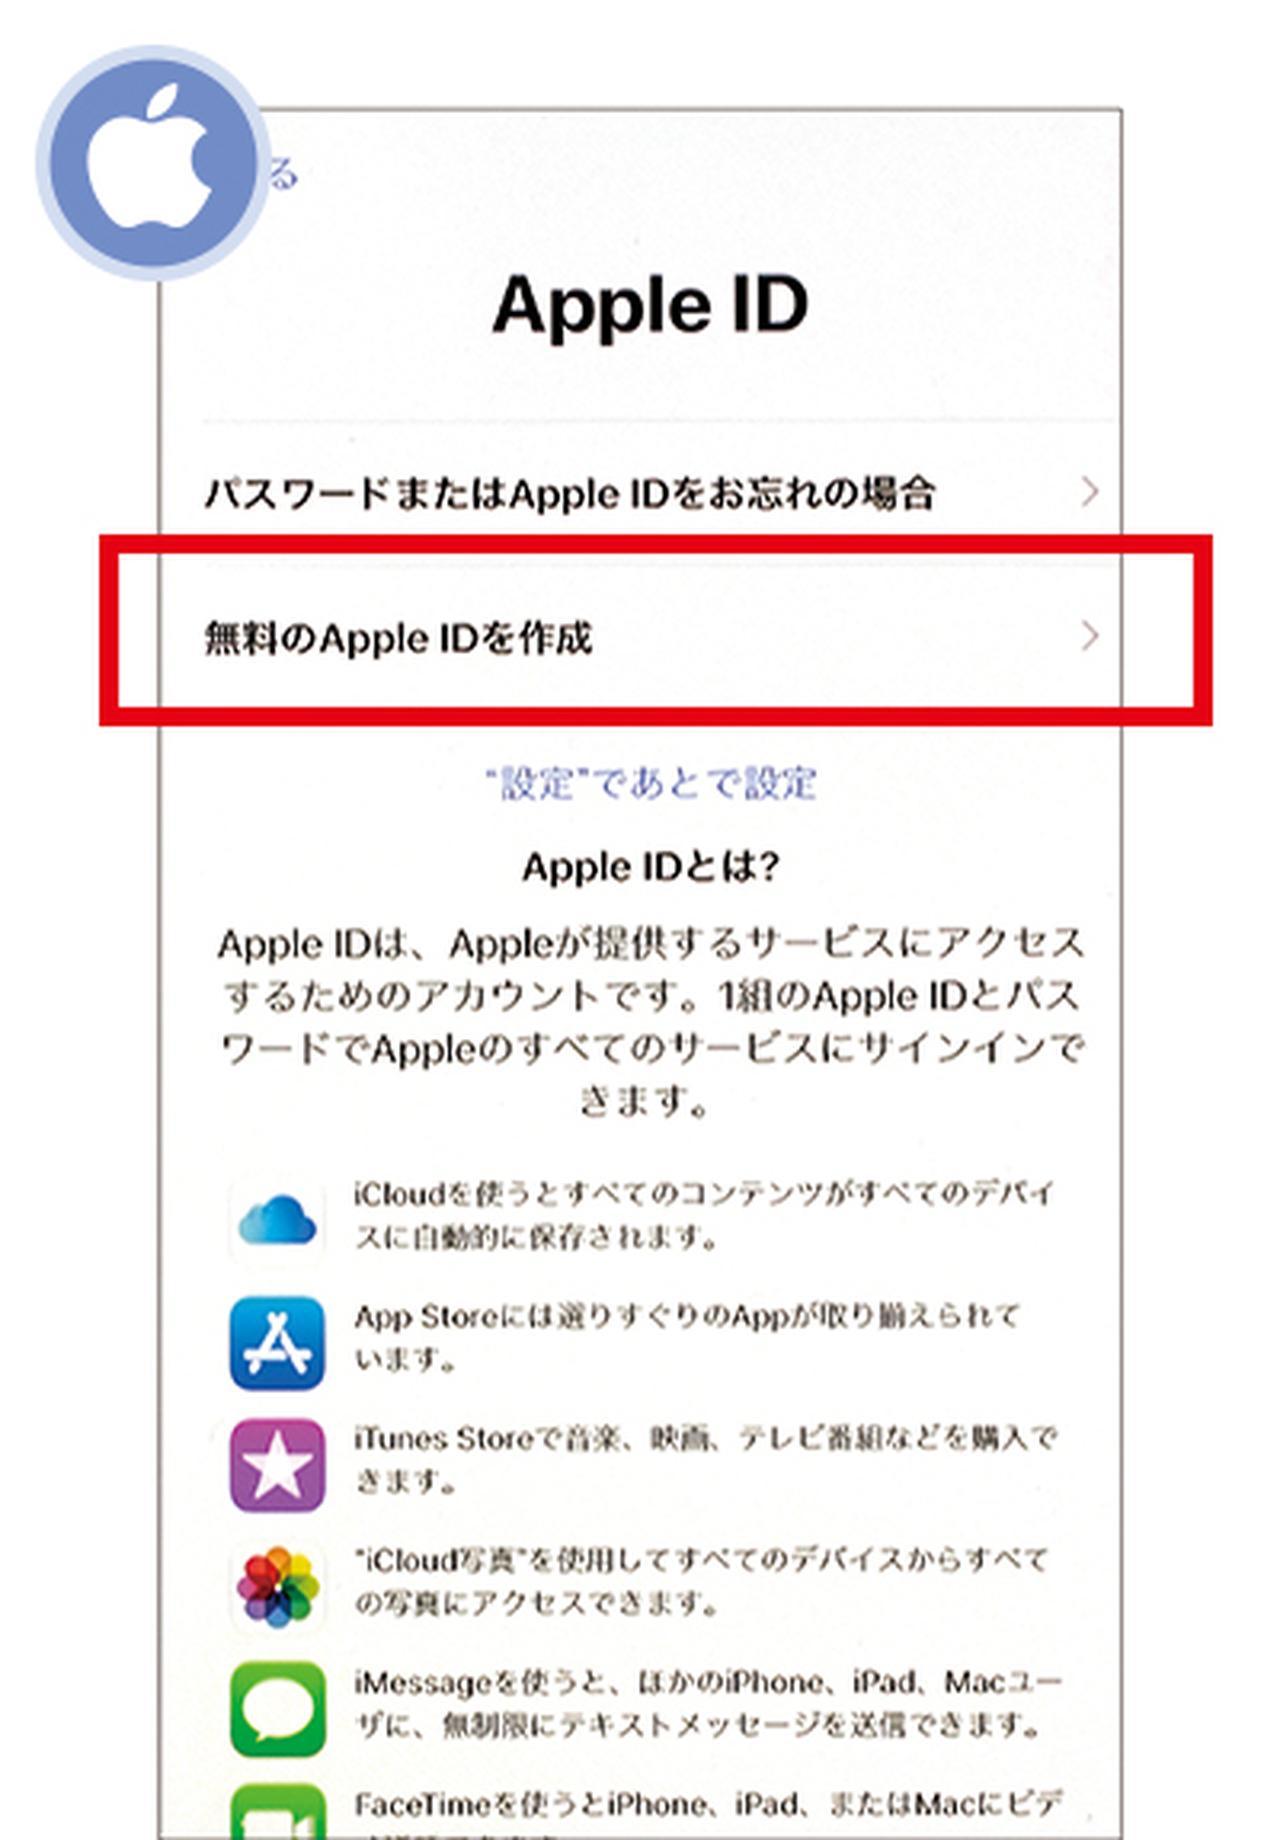 画像: Apple IDを持っていない場合は、新規で作成しよう。あとで作成することも可能だが、作成するにはメールアドレスが必要となる。